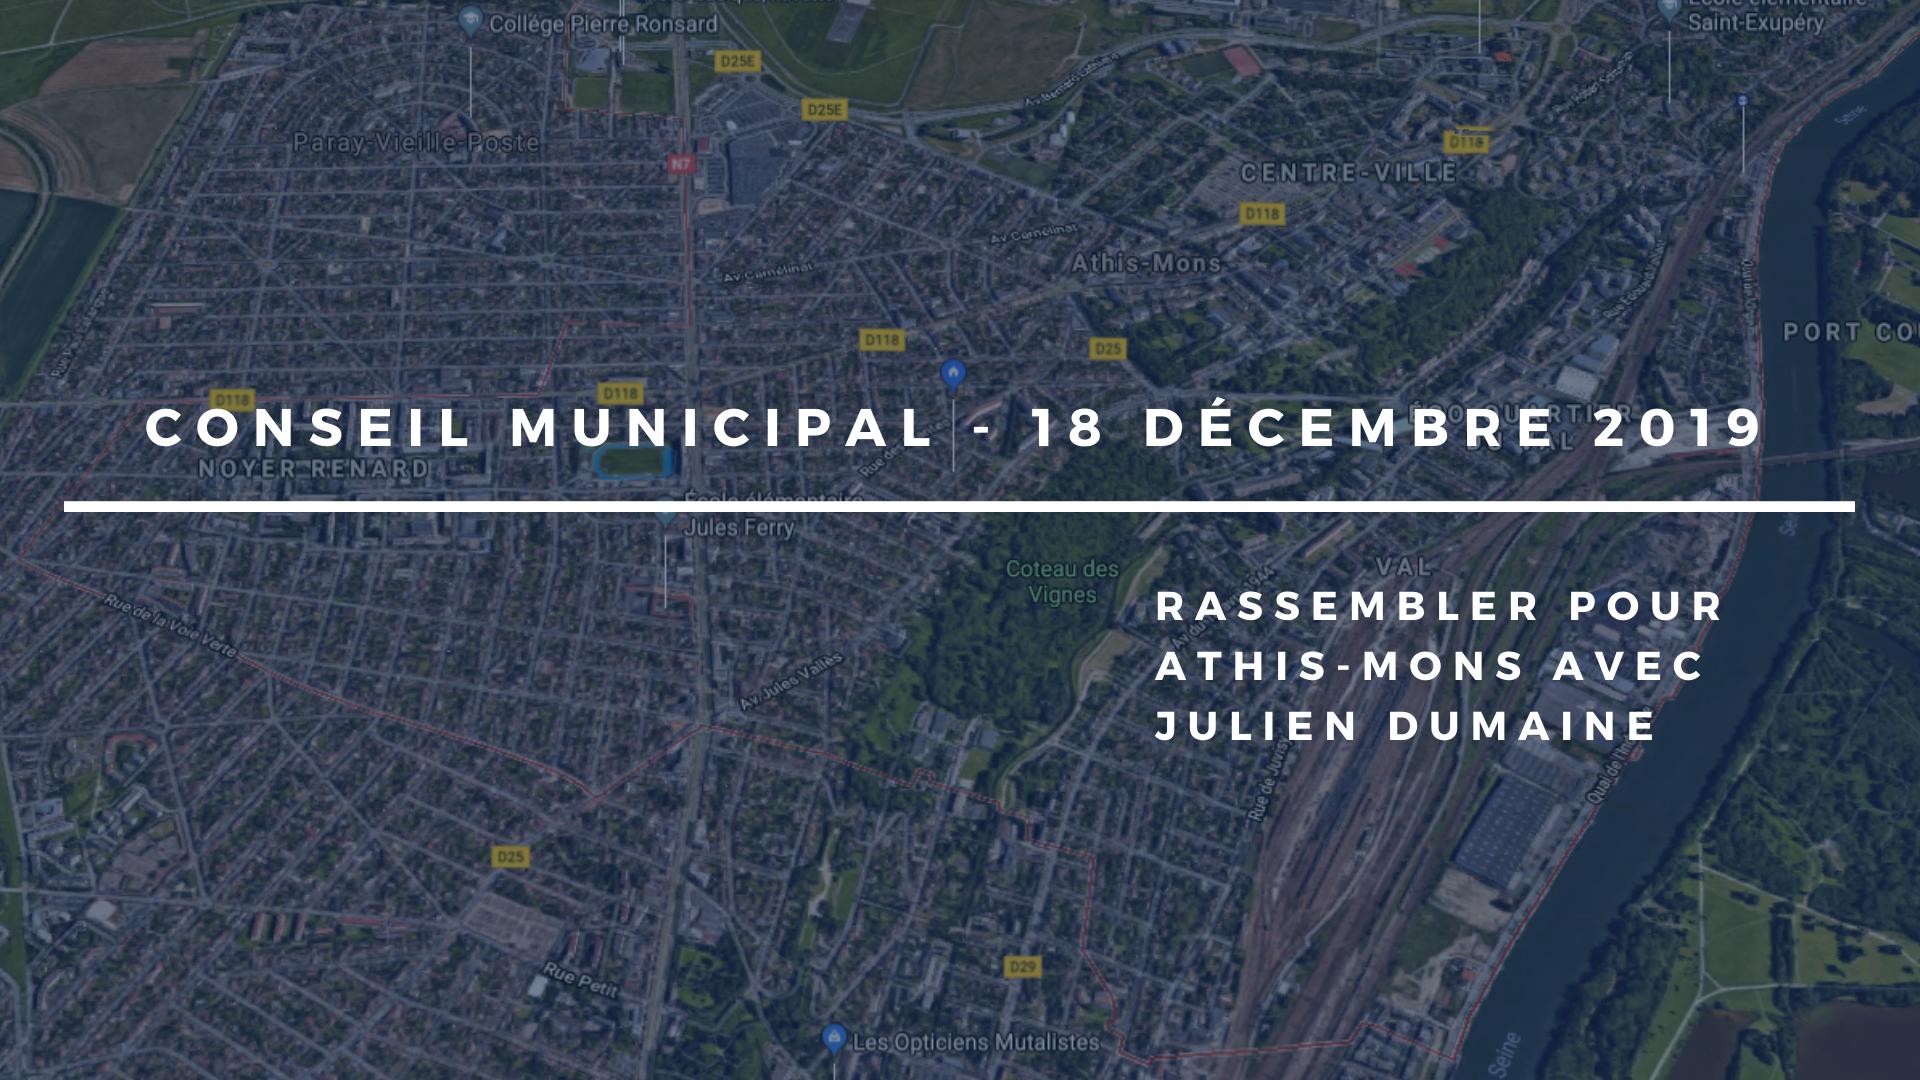 Conseil municipal du 18 décembre 2019